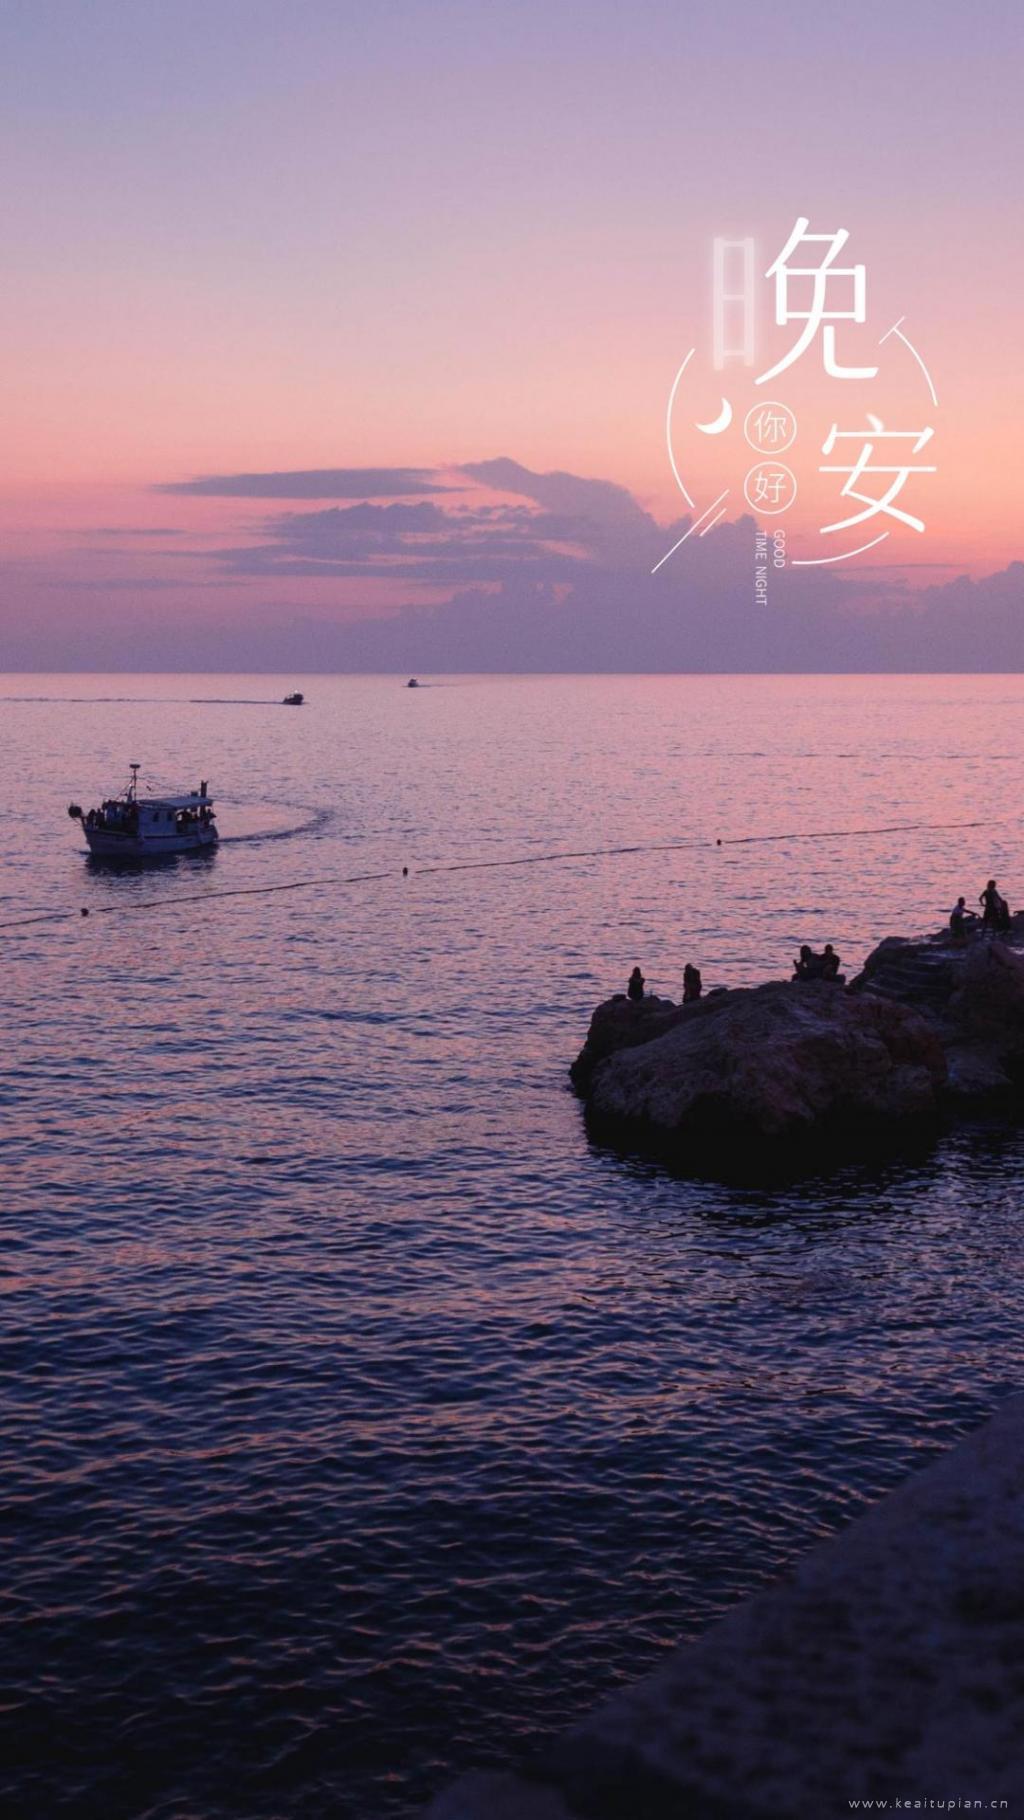 治愈系风光|晚安你好精选夜幕降临前的海边晚霞风景图片